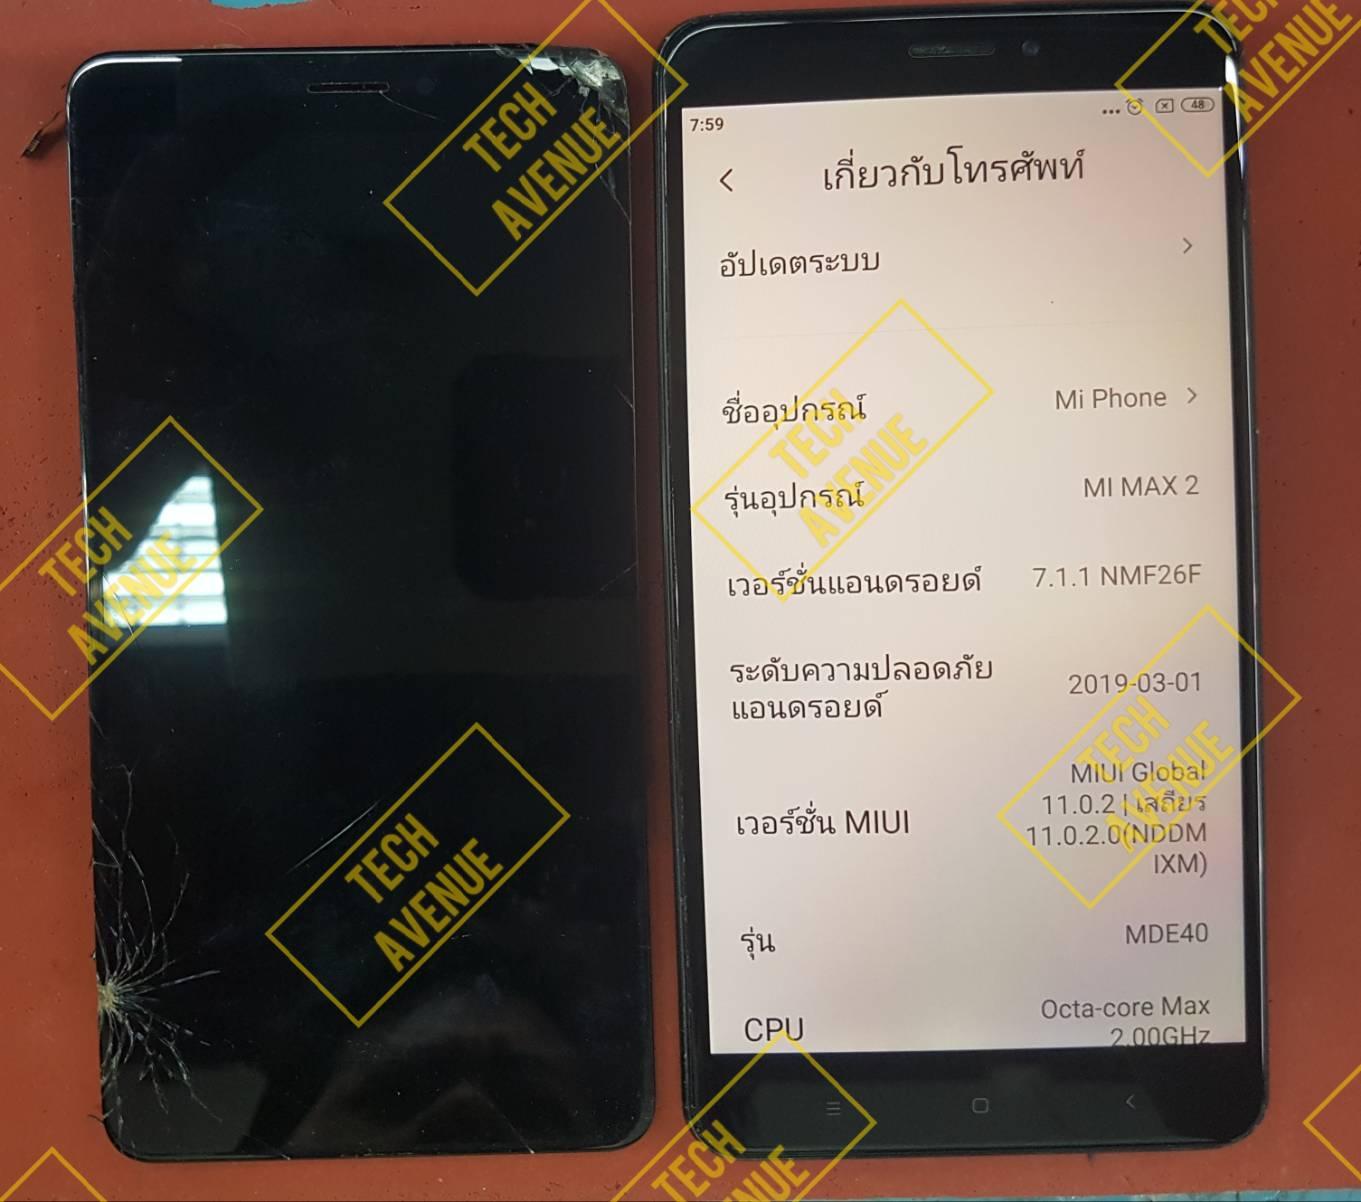 ร้านซ่อม Xiaomi(เสียวหมี่) Note 10  จอร้าว ส่งซ่อมร้านไหนดี?